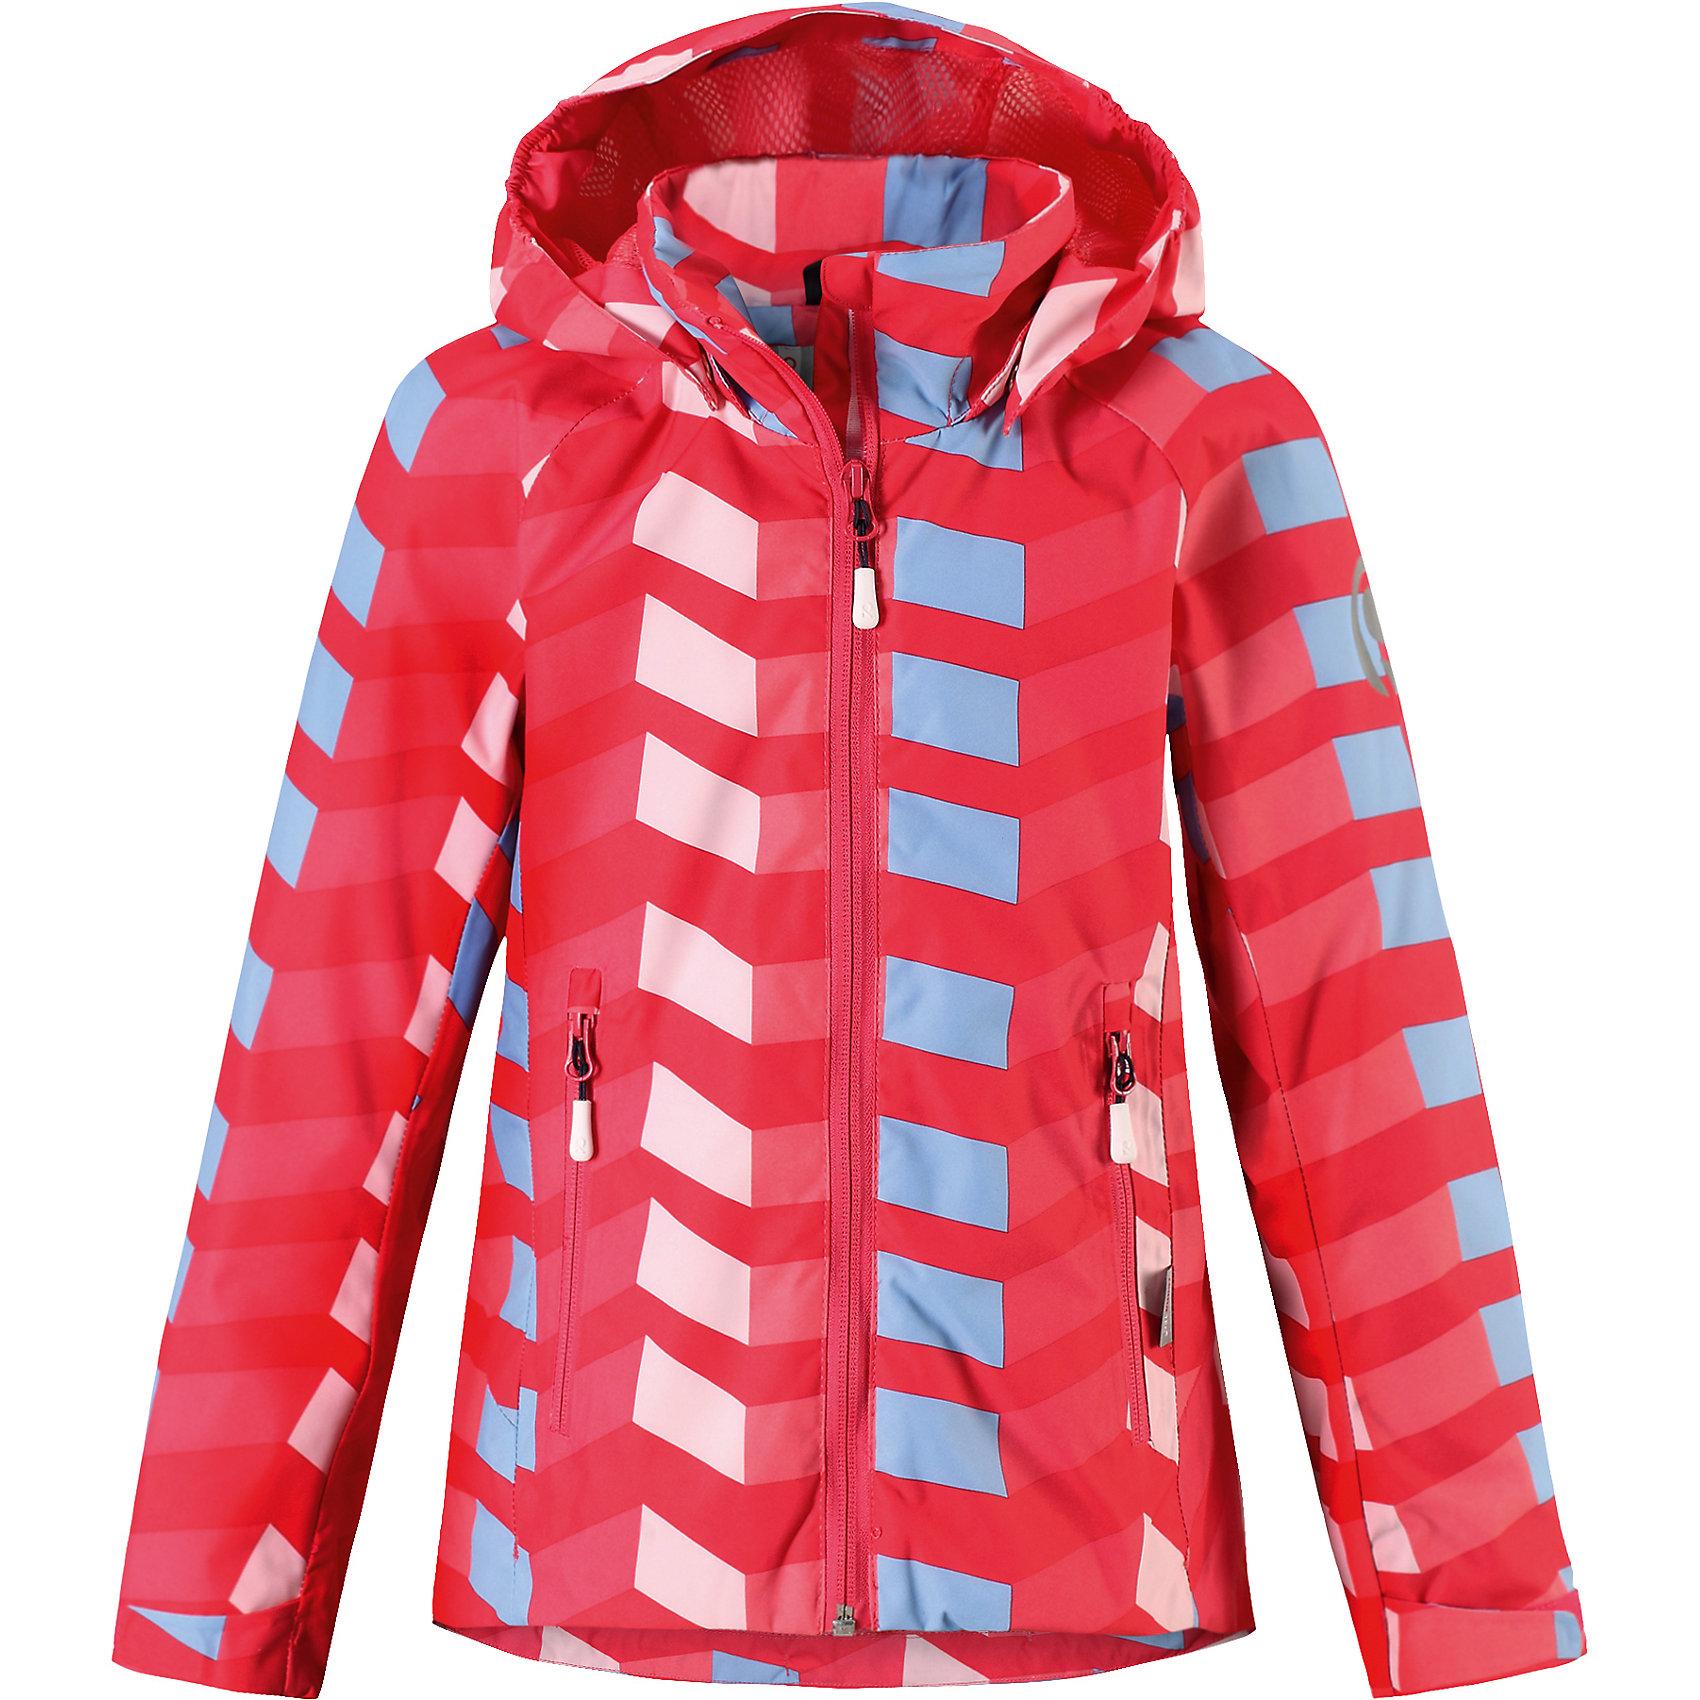 Куртка Suvi для девочки Reimatec® ReimaОдежда<br>Характеристики товара:<br><br>• цвет: розовый<br>• состав: 100% полиэстер, полиуретановое покрытие<br>• температурный режим: от +10°до +20°С<br>• водонепроницаемость: 15000 мм<br>• воздухопроницаемость: 5000 мм<br>• износостойкость: 40000 (тест Мартиндейла)<br>• без утеплителя<br>• подкладка: mesh-сетка<br>• швы проклеены и водонепроницаемы<br>• водо- и ветронепроницаемый «дышащий» материал<br>• регулируемый подол<br>• регулируемые манжеты<br>• безопасный съёмный и регулируемый капюшон<br>• усовершенствованная молния - больше не застрянет!<br>• контрастные цветные застежки-молнии<br>• карманы на молнии<br>• комфортная посадка<br>• страна производства: Китай<br>• страна бренда: Финляндия<br>• коллекция: весна-лето 2017<br><br>Верхняя одежда для детей может быть модной и комфортной одновременно! Демисезонная куртка поможет обеспечить ребенку комфорт и тепло. Она отлично смотрится с различной одеждой и обувью. Изделие удобно сидит и модно выглядит. Материал - прочный, хорошо подходящий для межсезонья. Стильный дизайн разрабатывался специально для детей.<br><br>Одежда и обувь от финского бренда Reima пользуется популярностью во многих странах. Эти изделия стильные, качественные и удобные. Для производства продукции используются только безопасные, проверенные материалы и фурнитура. Порадуйте ребенка модными и красивыми вещами от Reima! <br><br>Куртку для девочки Reimatec® от финского бренда Reima (Рейма) можно купить в нашем интернет-магазине.<br><br>Ширина мм: 356<br>Глубина мм: 10<br>Высота мм: 245<br>Вес г: 519<br>Цвет: розовый<br>Возраст от месяцев: 156<br>Возраст до месяцев: 168<br>Пол: Женский<br>Возраст: Детский<br>Размер: 164,104,122,158,146,140,152,134,110,116,128<br>SKU: 5267688